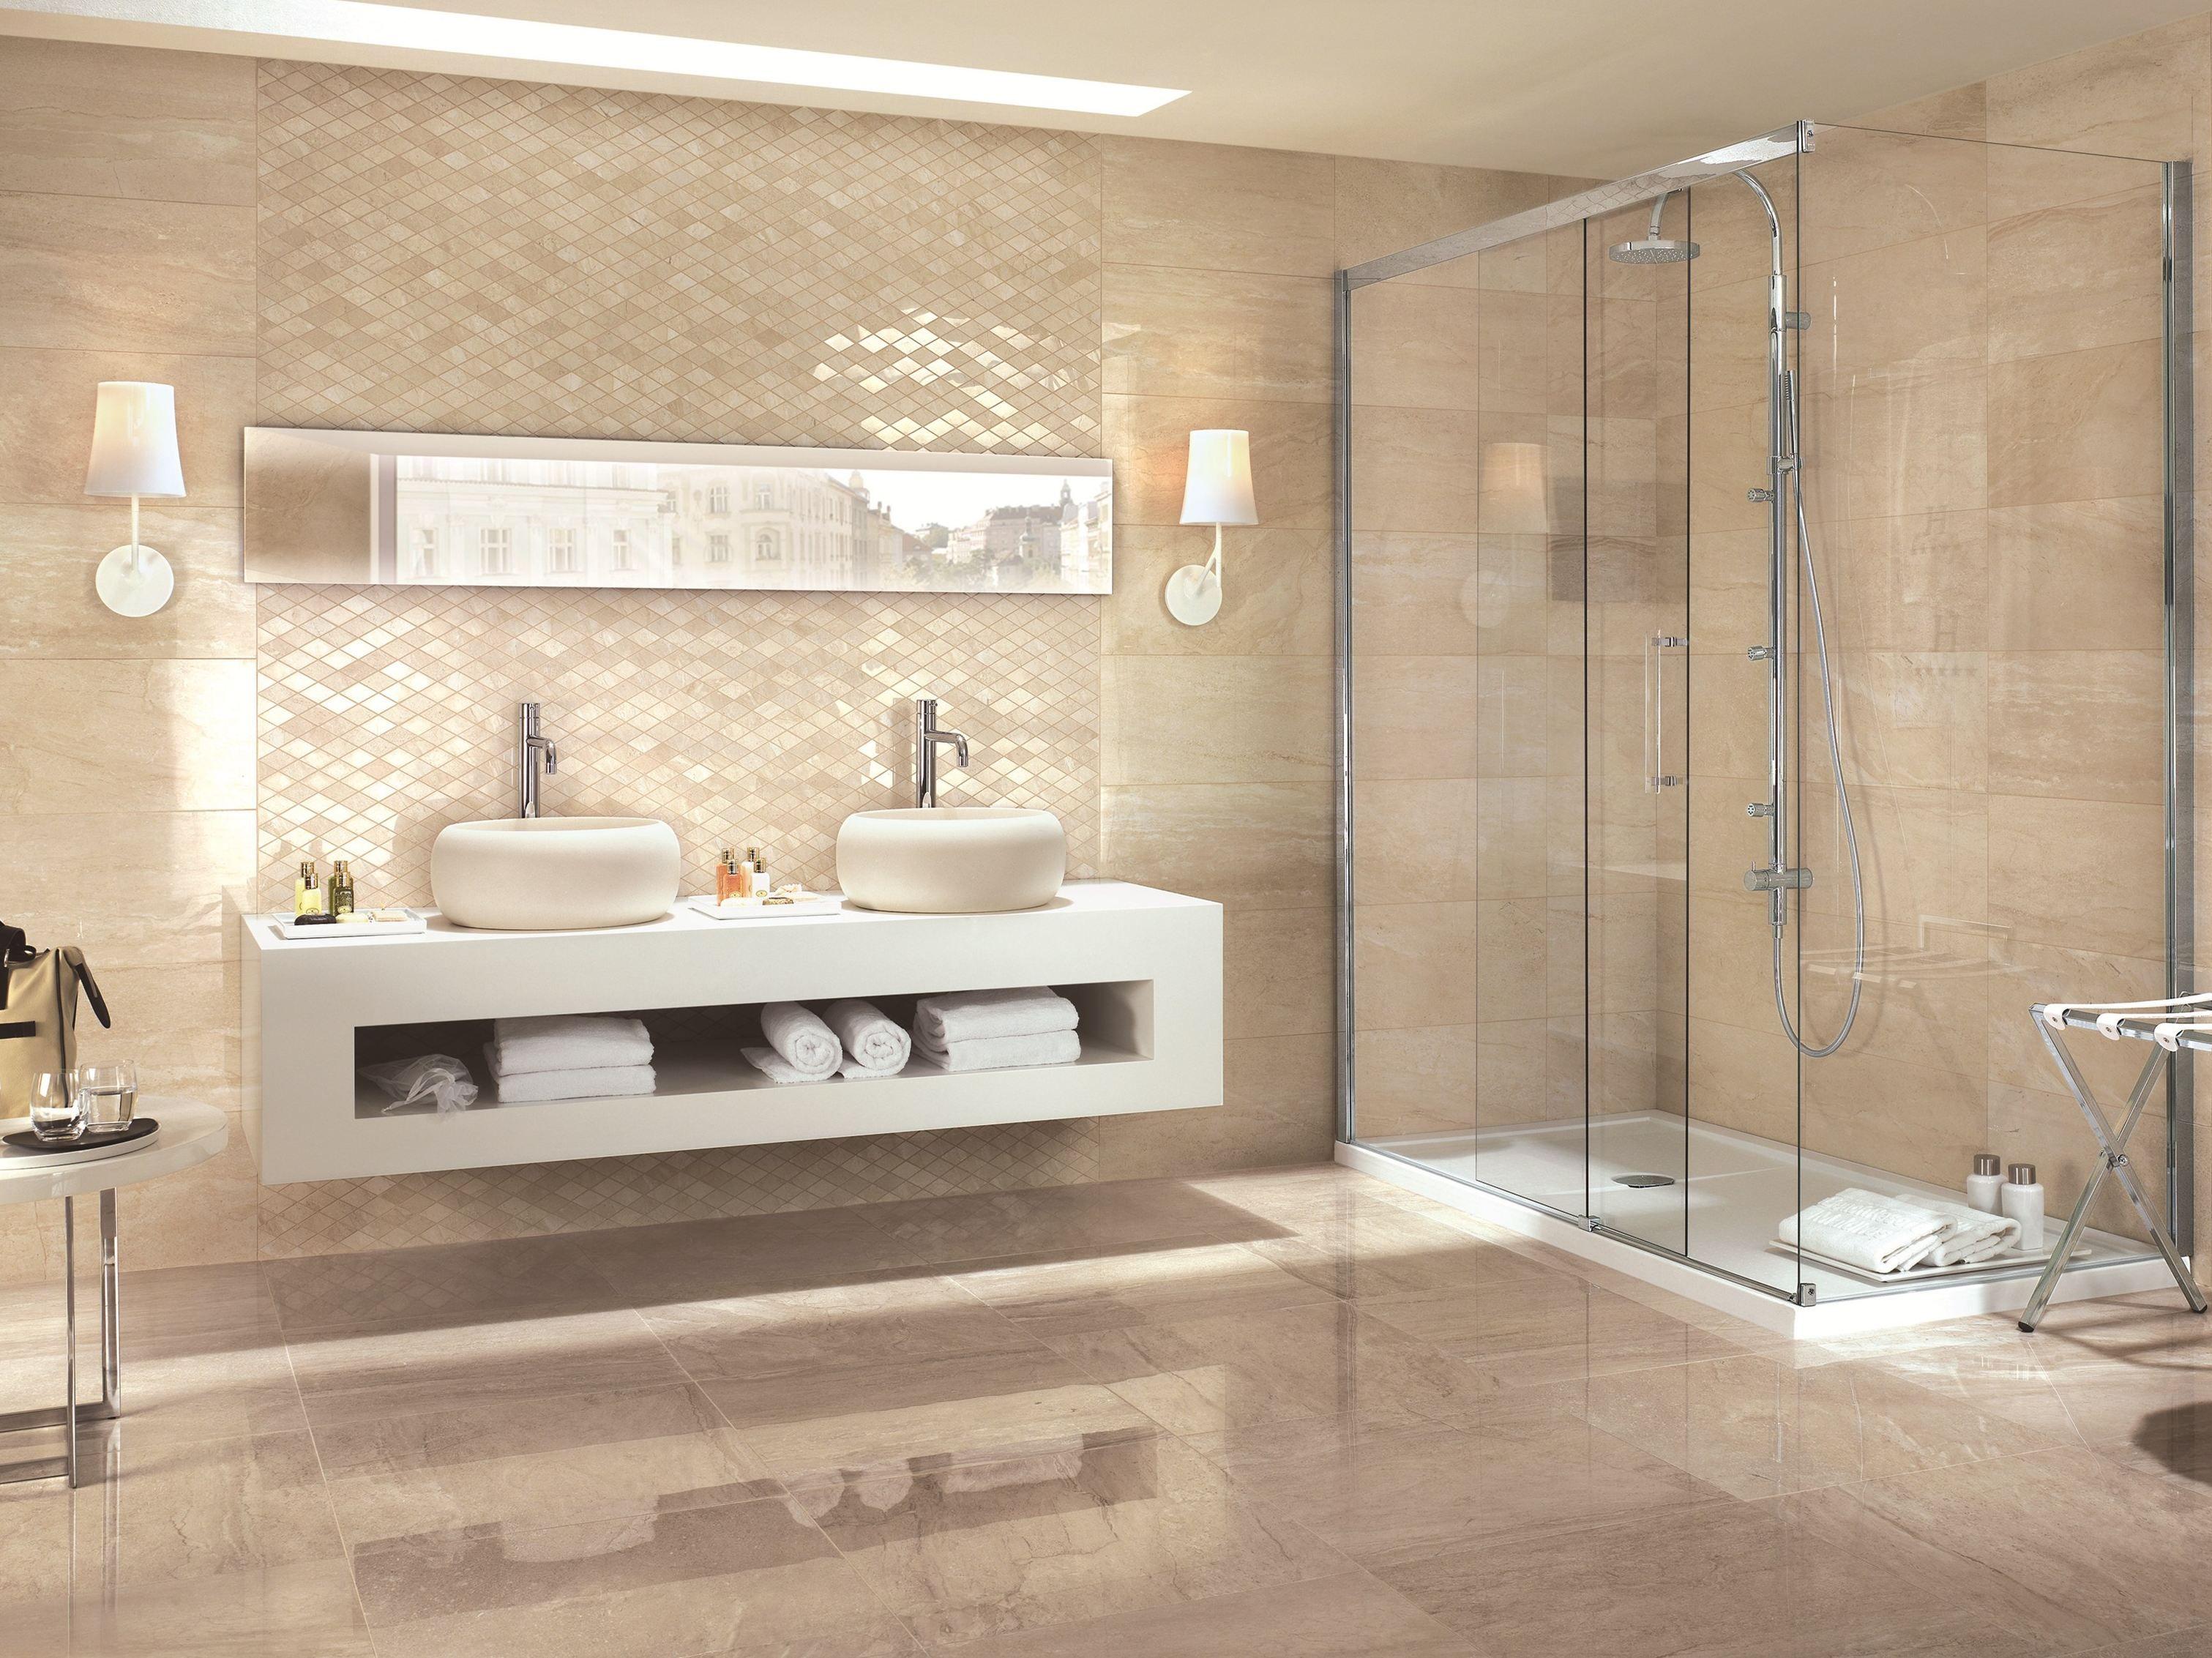 gres porcellanato per bagno prezzi ~ Comarg.com = Interior Design ed ...